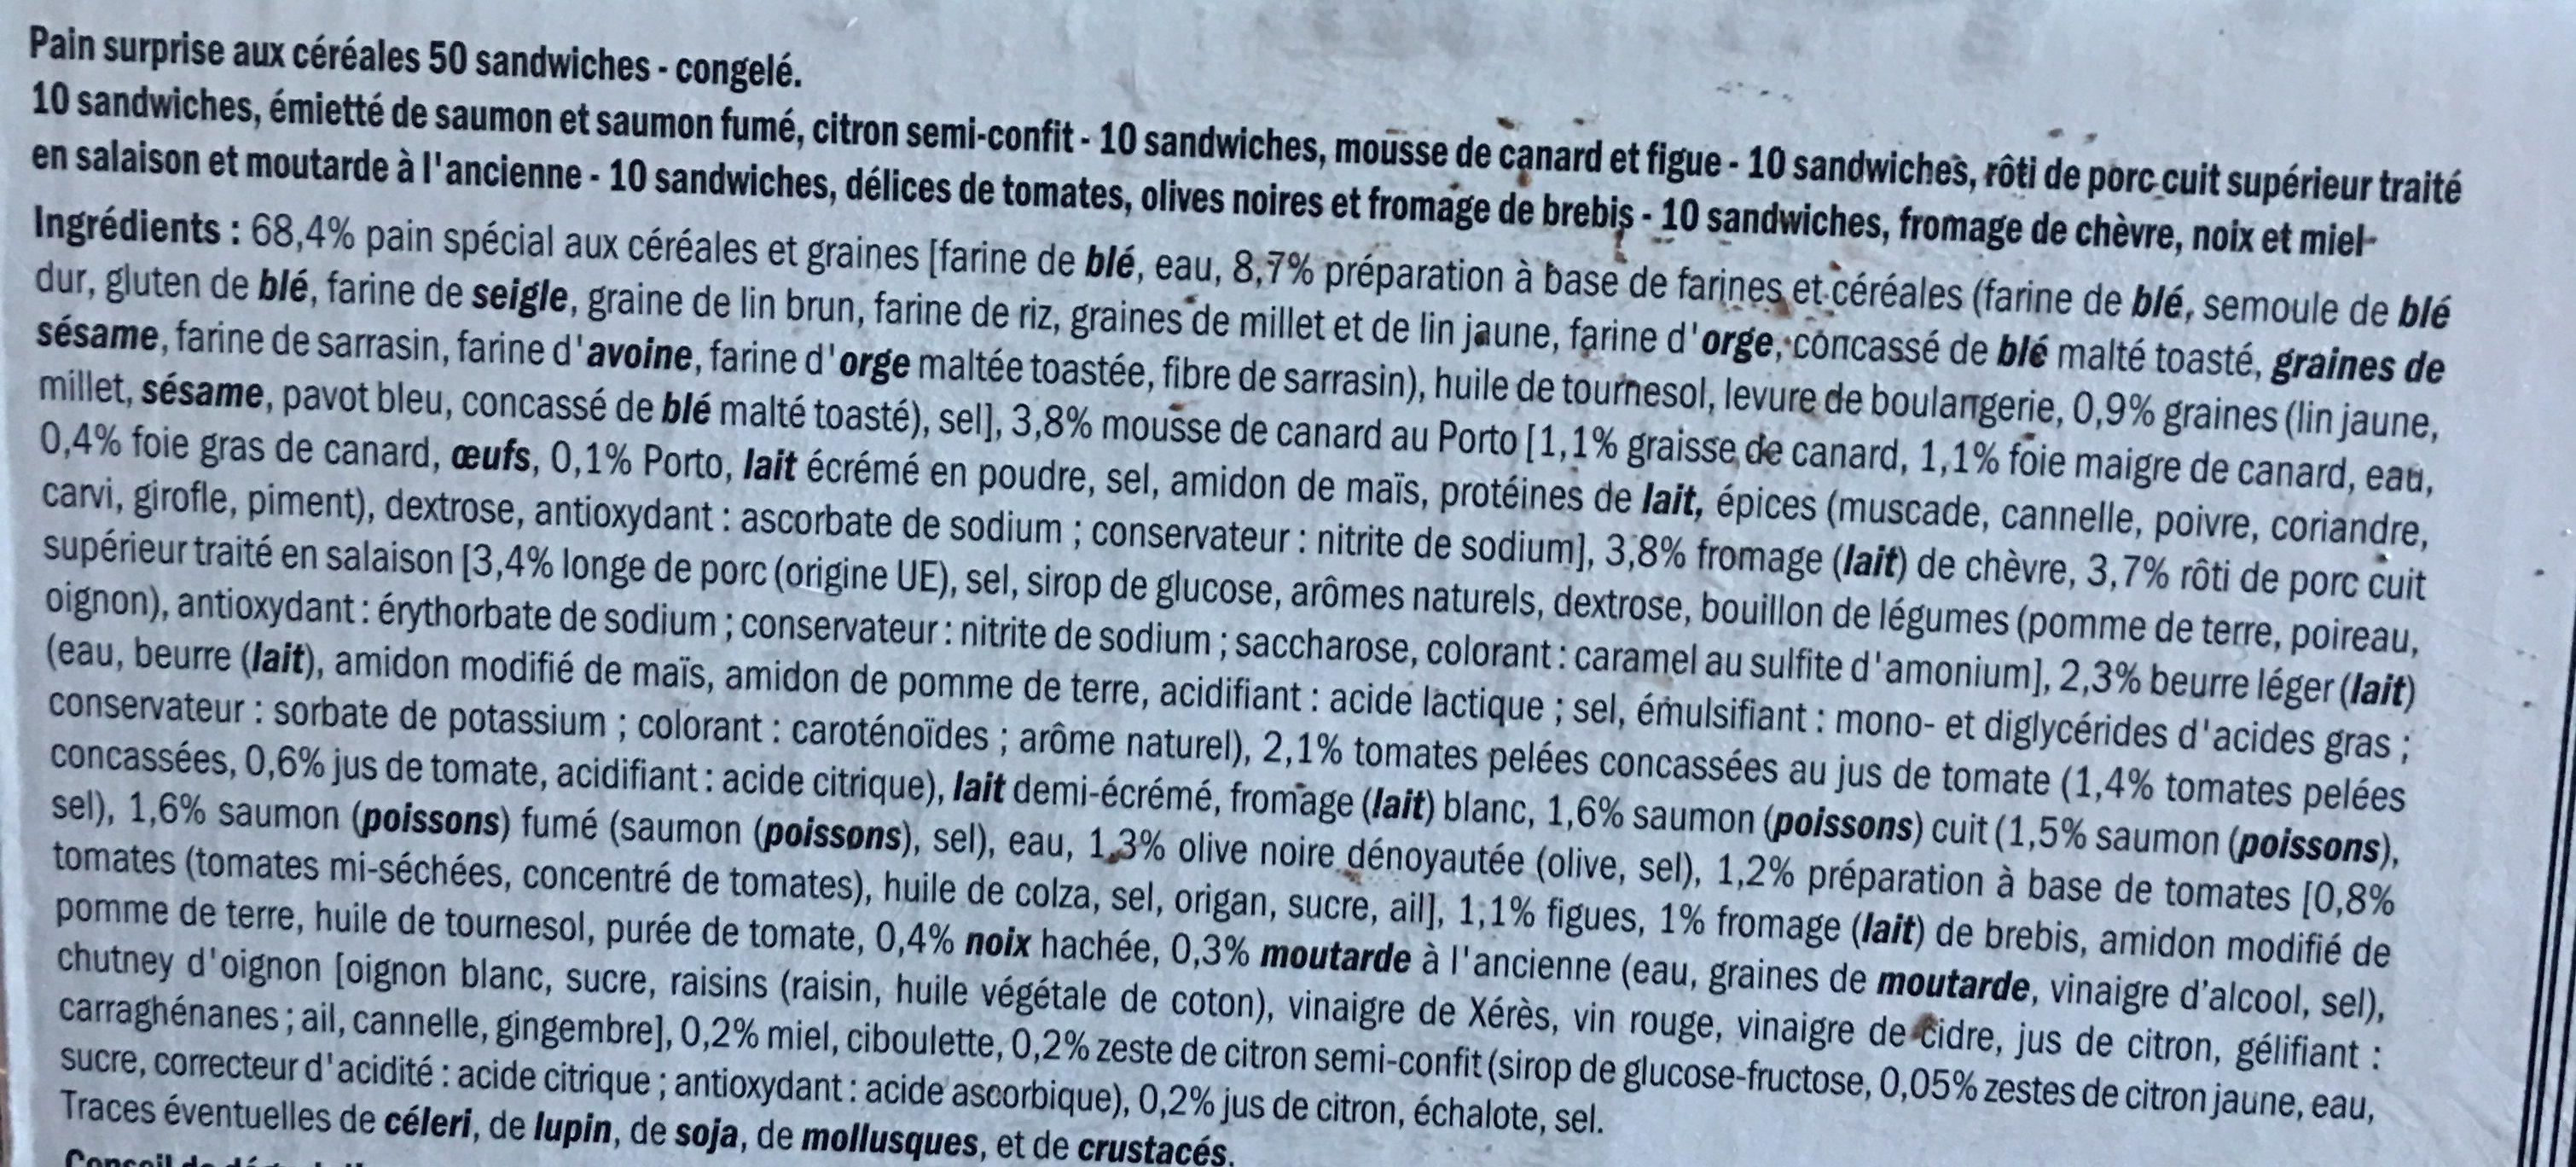 Pain Surprise Aux 6 Céréales - 50 Sandwichs - Ingredients